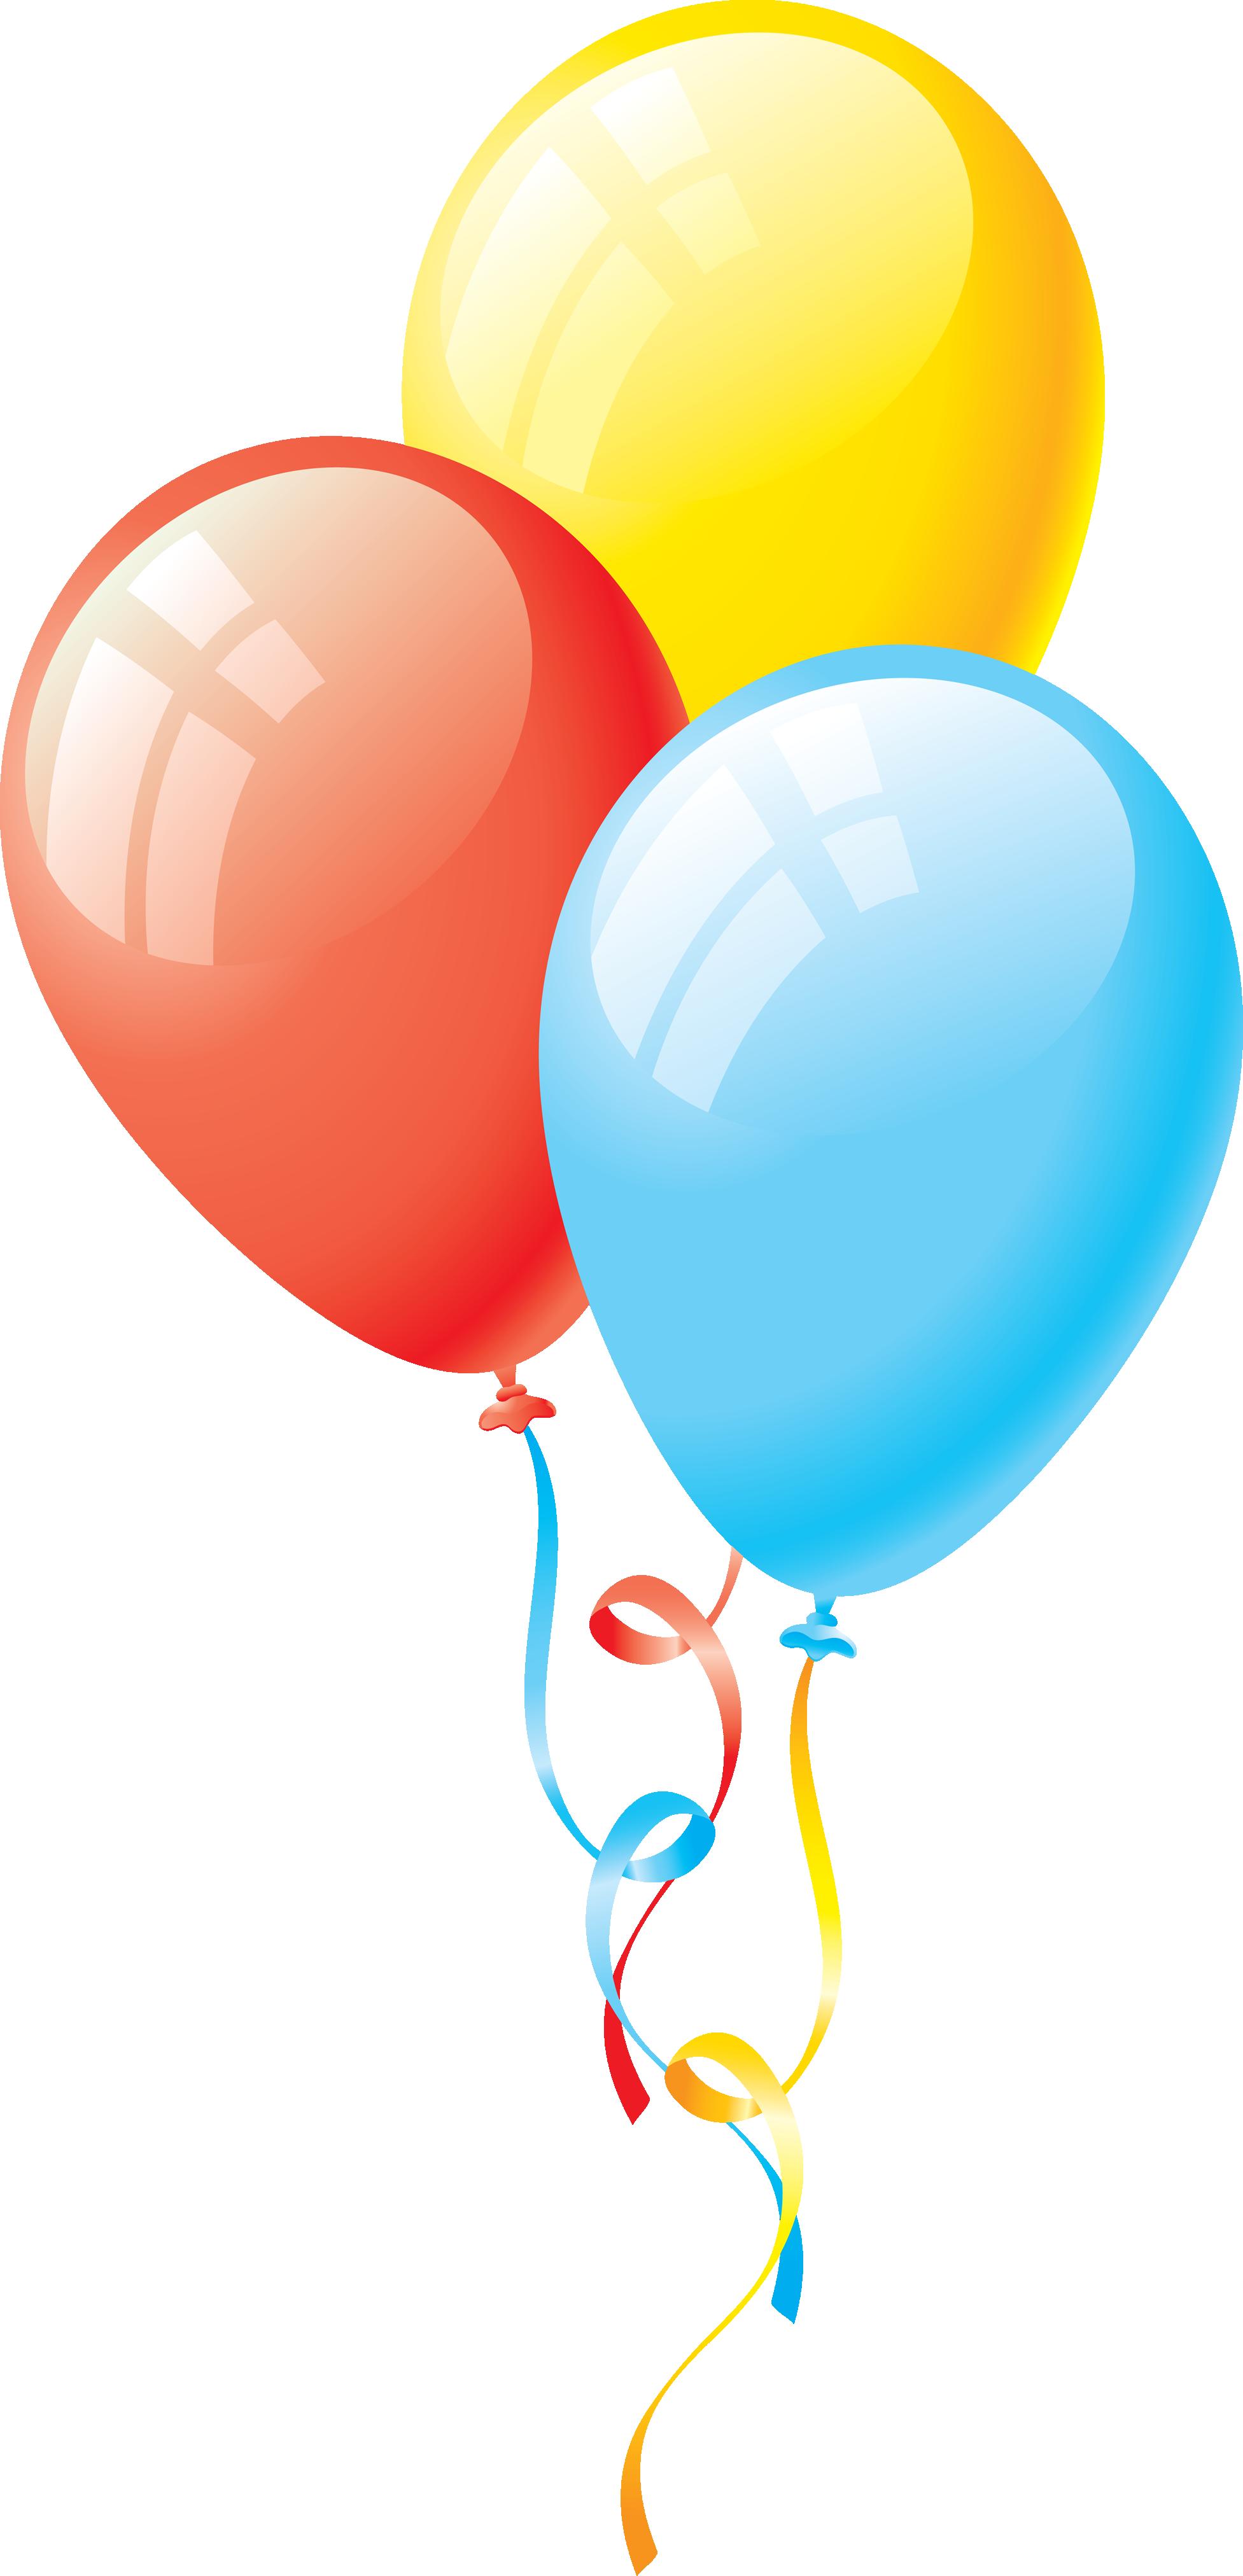 Ballons Png - ClipArt Best